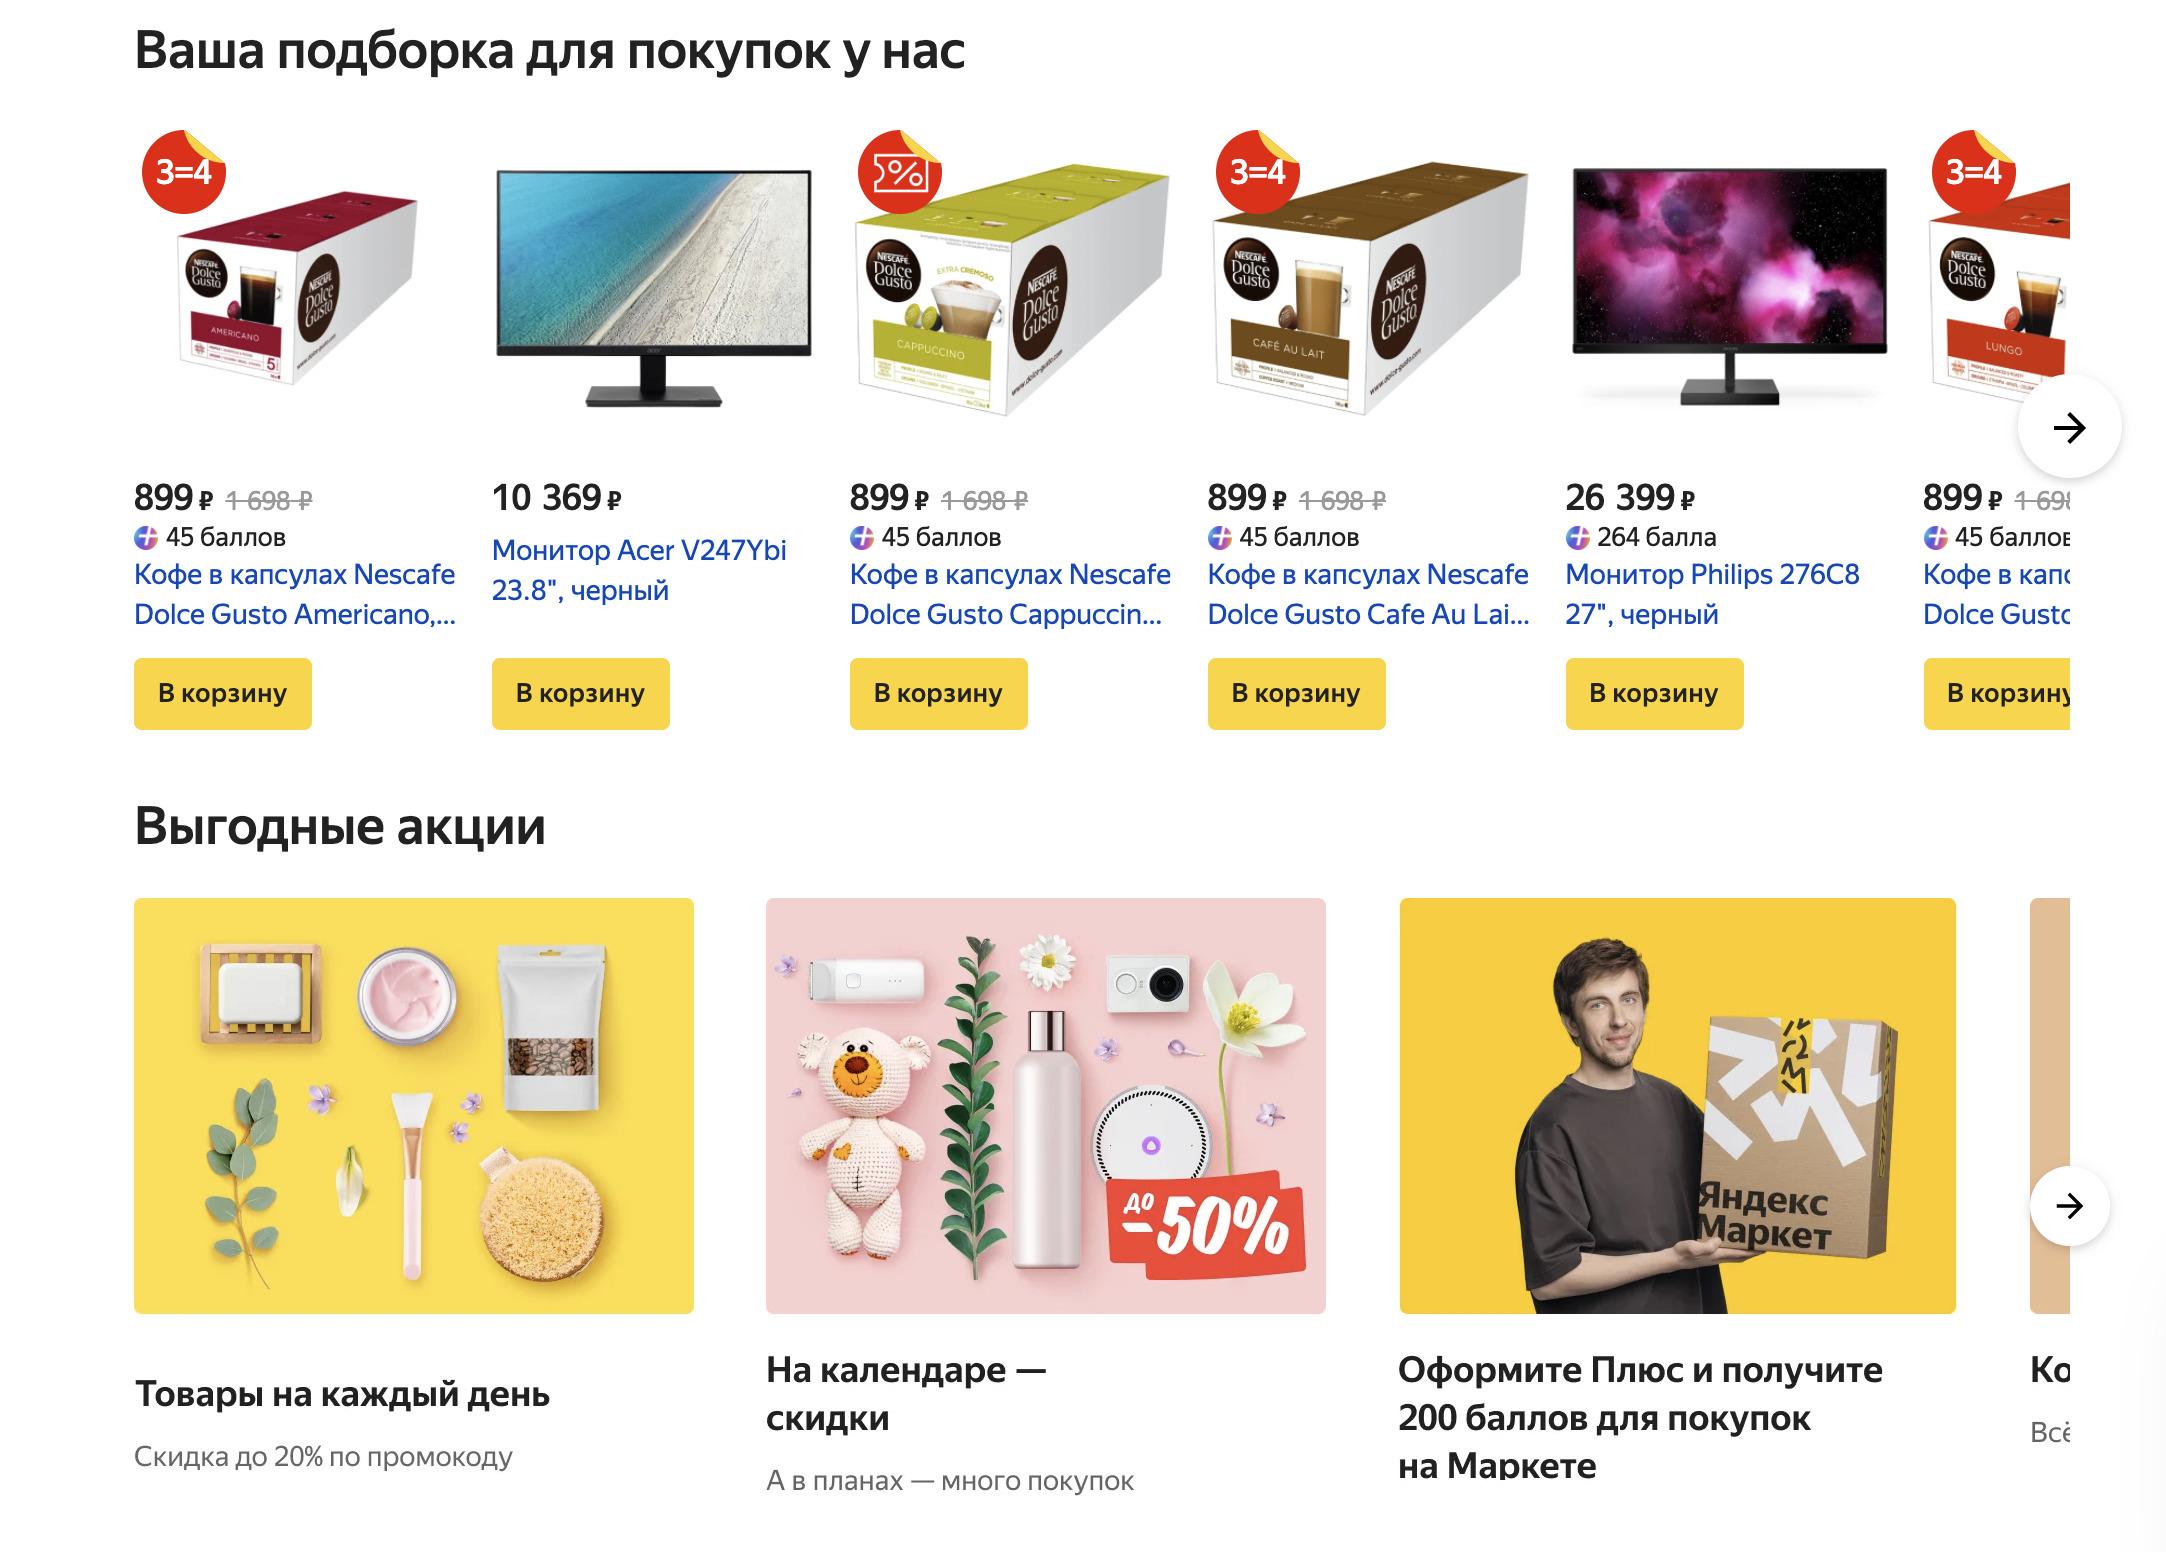 Доставка из Яндекс.Маркет в Серов, сроки, пункты выдачи, каталог